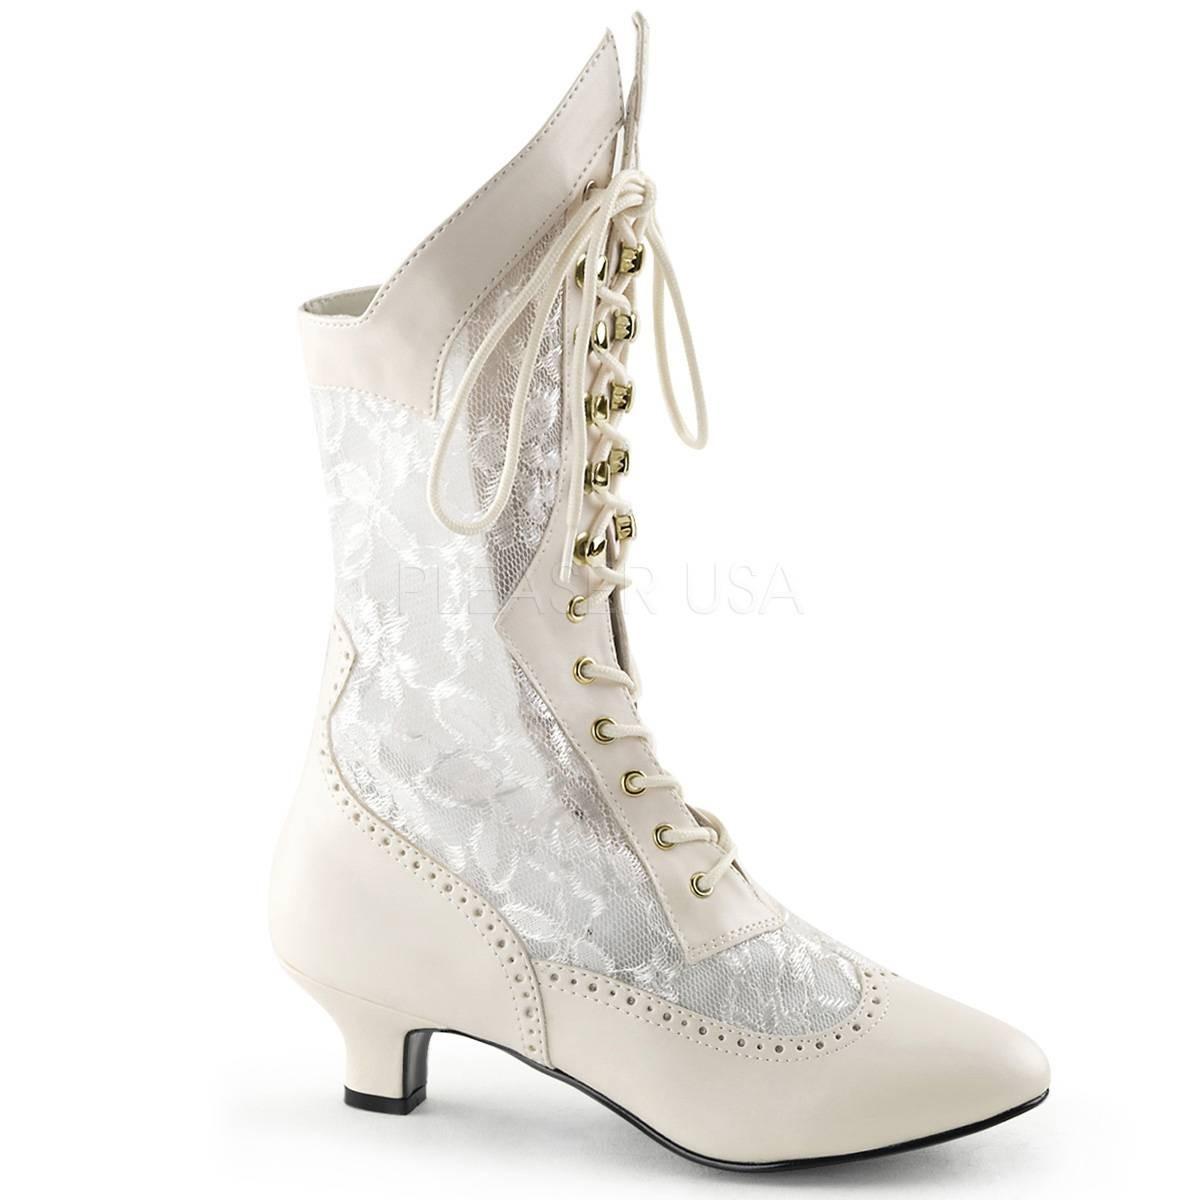 Stiefel - DAME 115 ° Damen Stiefel ° Weiß Matt ° Funtasma  - Onlineshop RedSixty